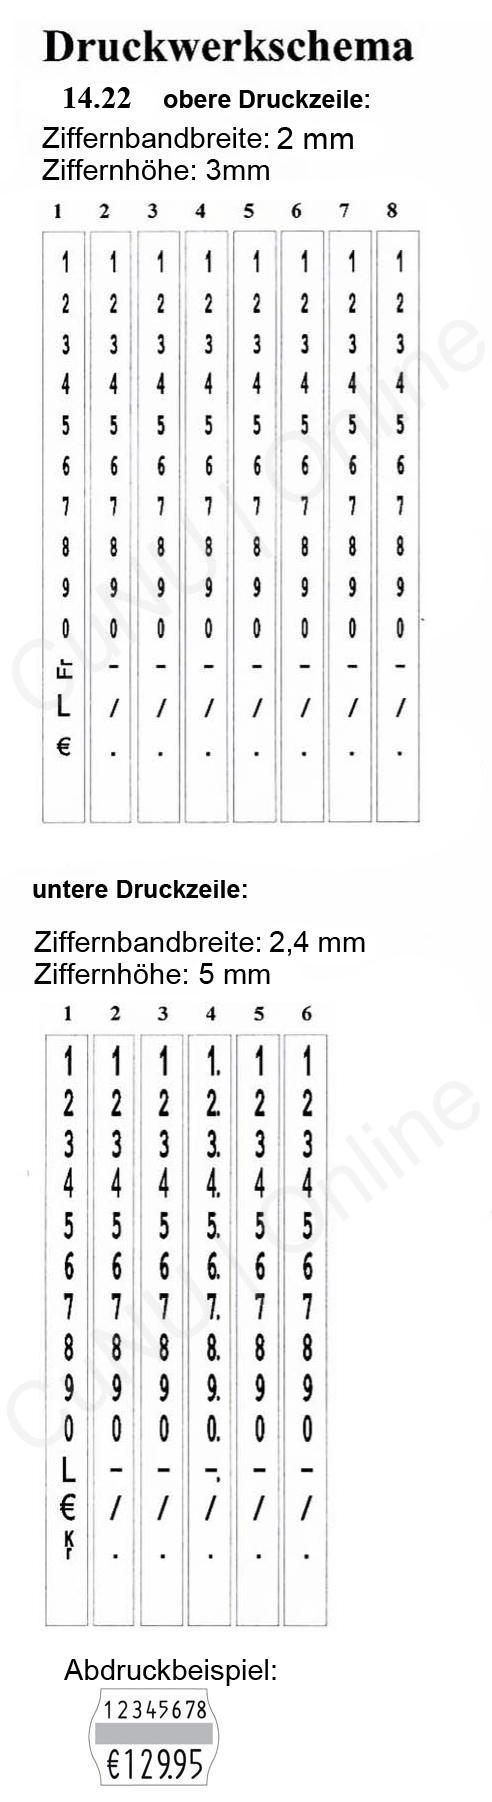 Abdruckmöglichkeiten des Handauszeichners contact premium 14.22